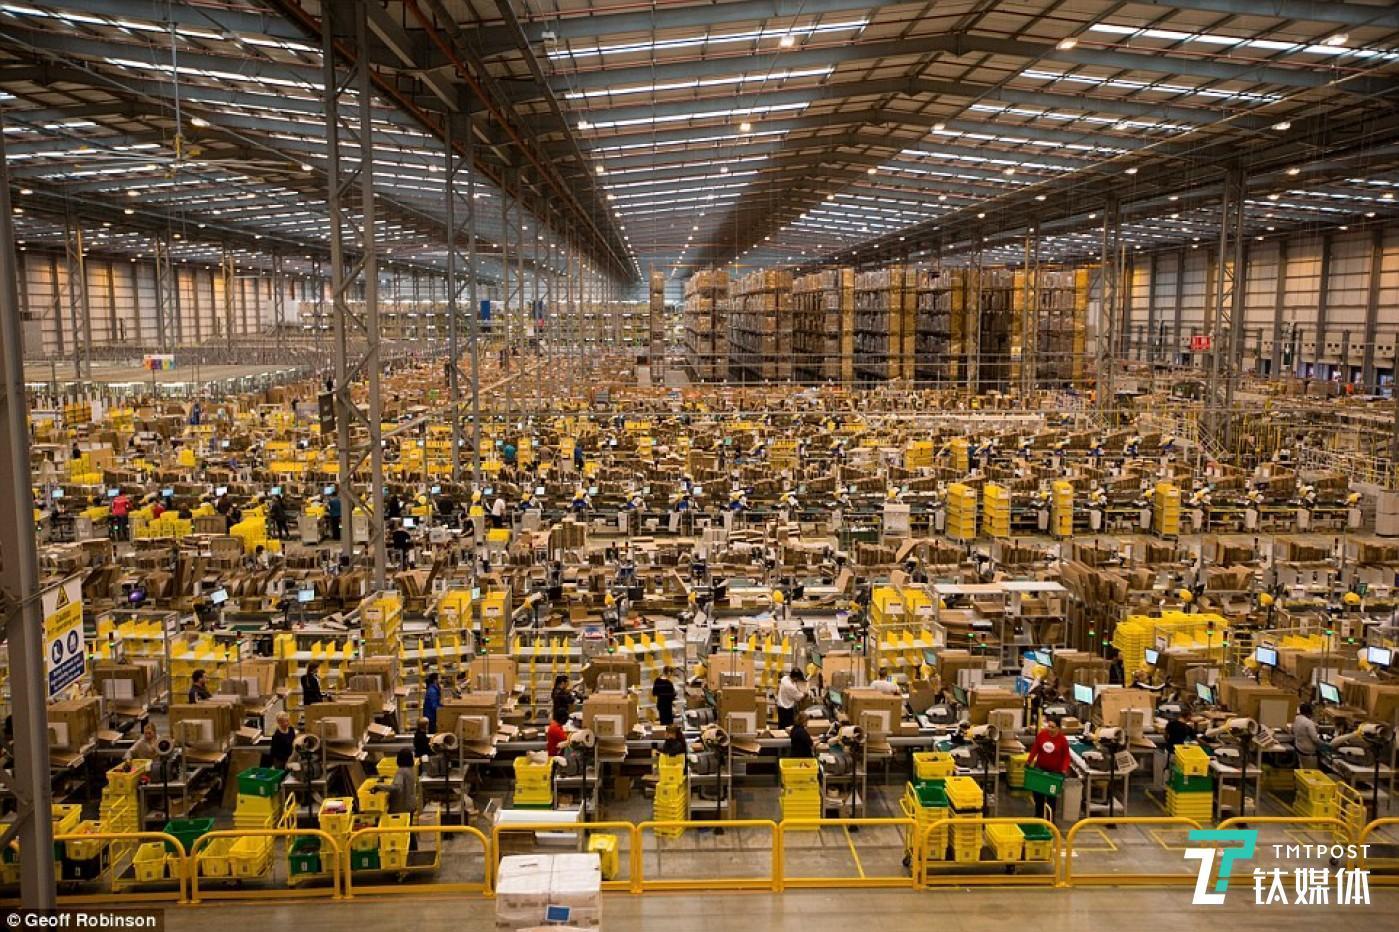 """2014年亚马逊位于英国的仓库之一正为""""黑色星期五""""购物狂潮做准备。图片来源/theguardian"""